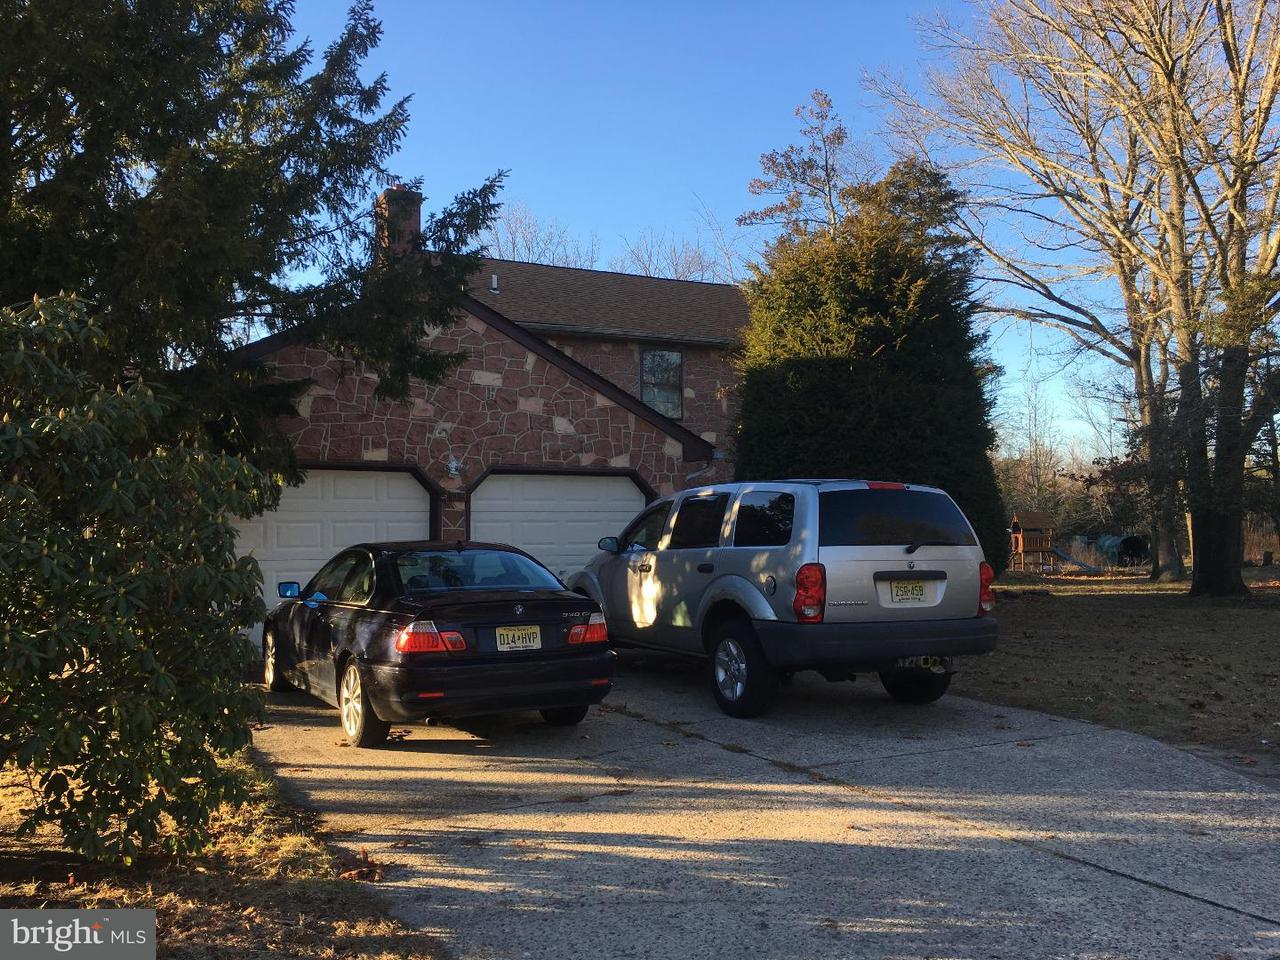 Частный односемейный дом для того Продажа на 103 OAK PINES BLVD Pemberton, Нью-Джерси 08068 Соединенные Штаты